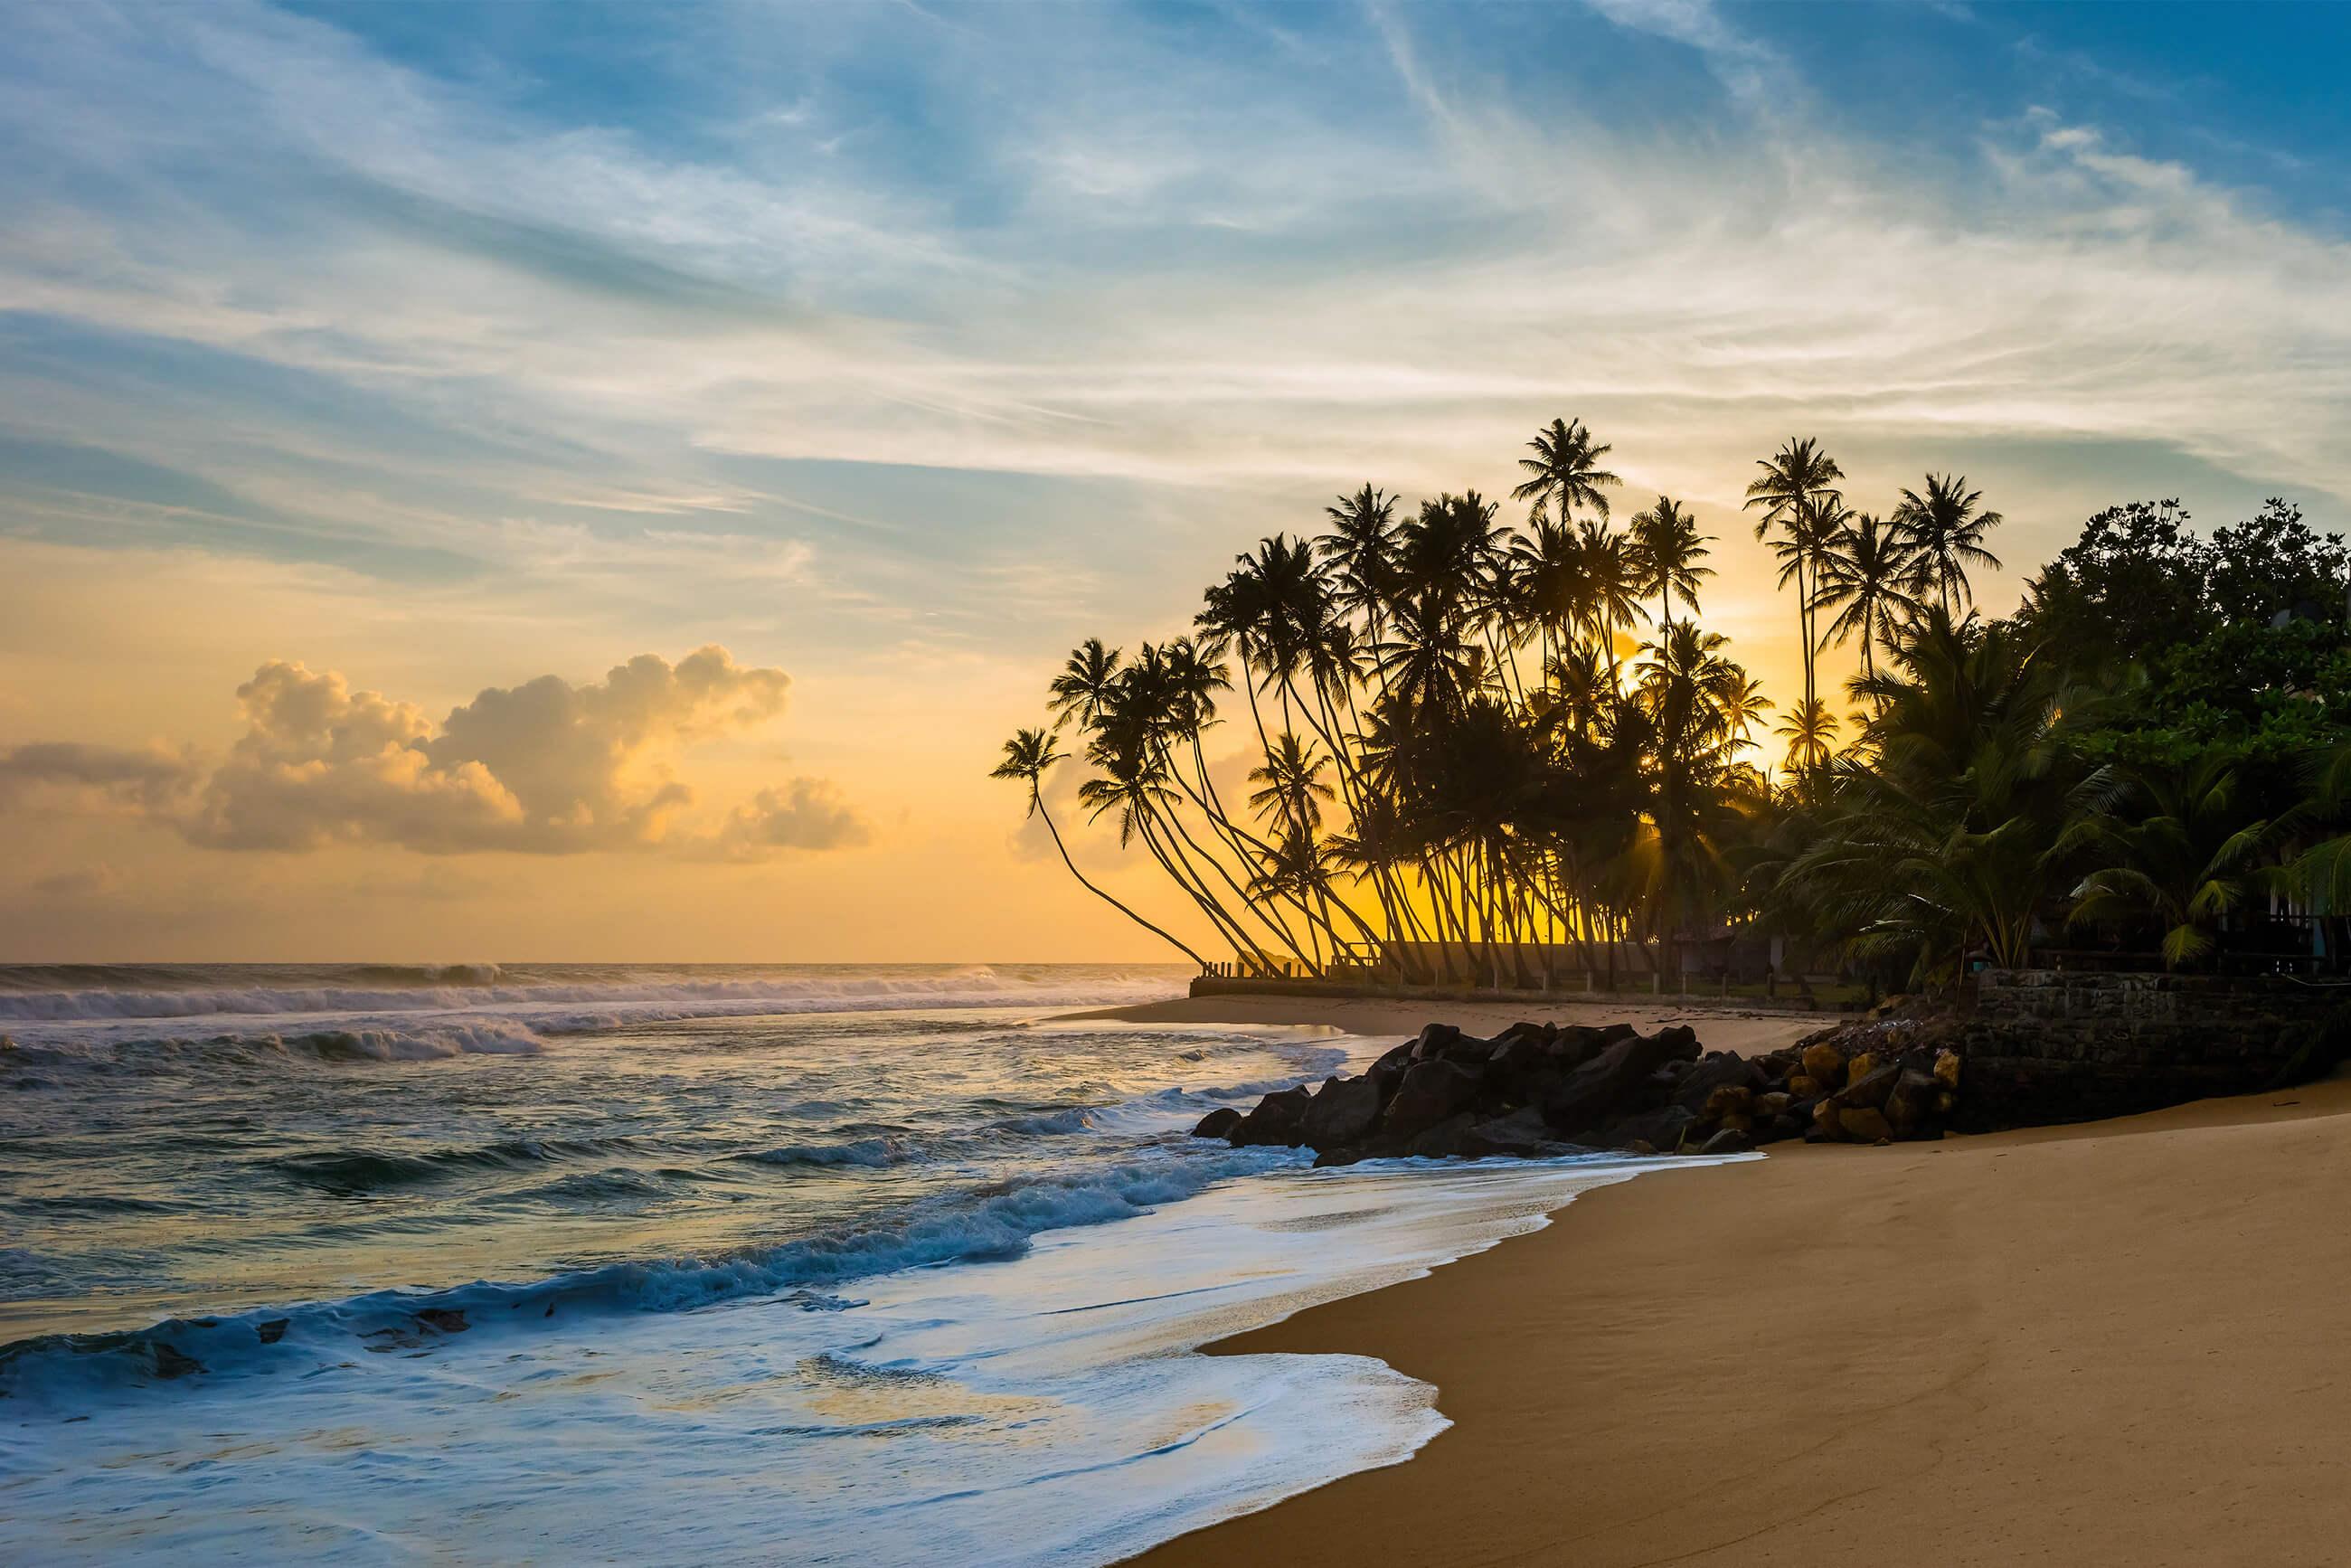 https://bubo.sk/uploads/galleries/7521/shutterstock_srilanka_plaz_529644775-2.jpg